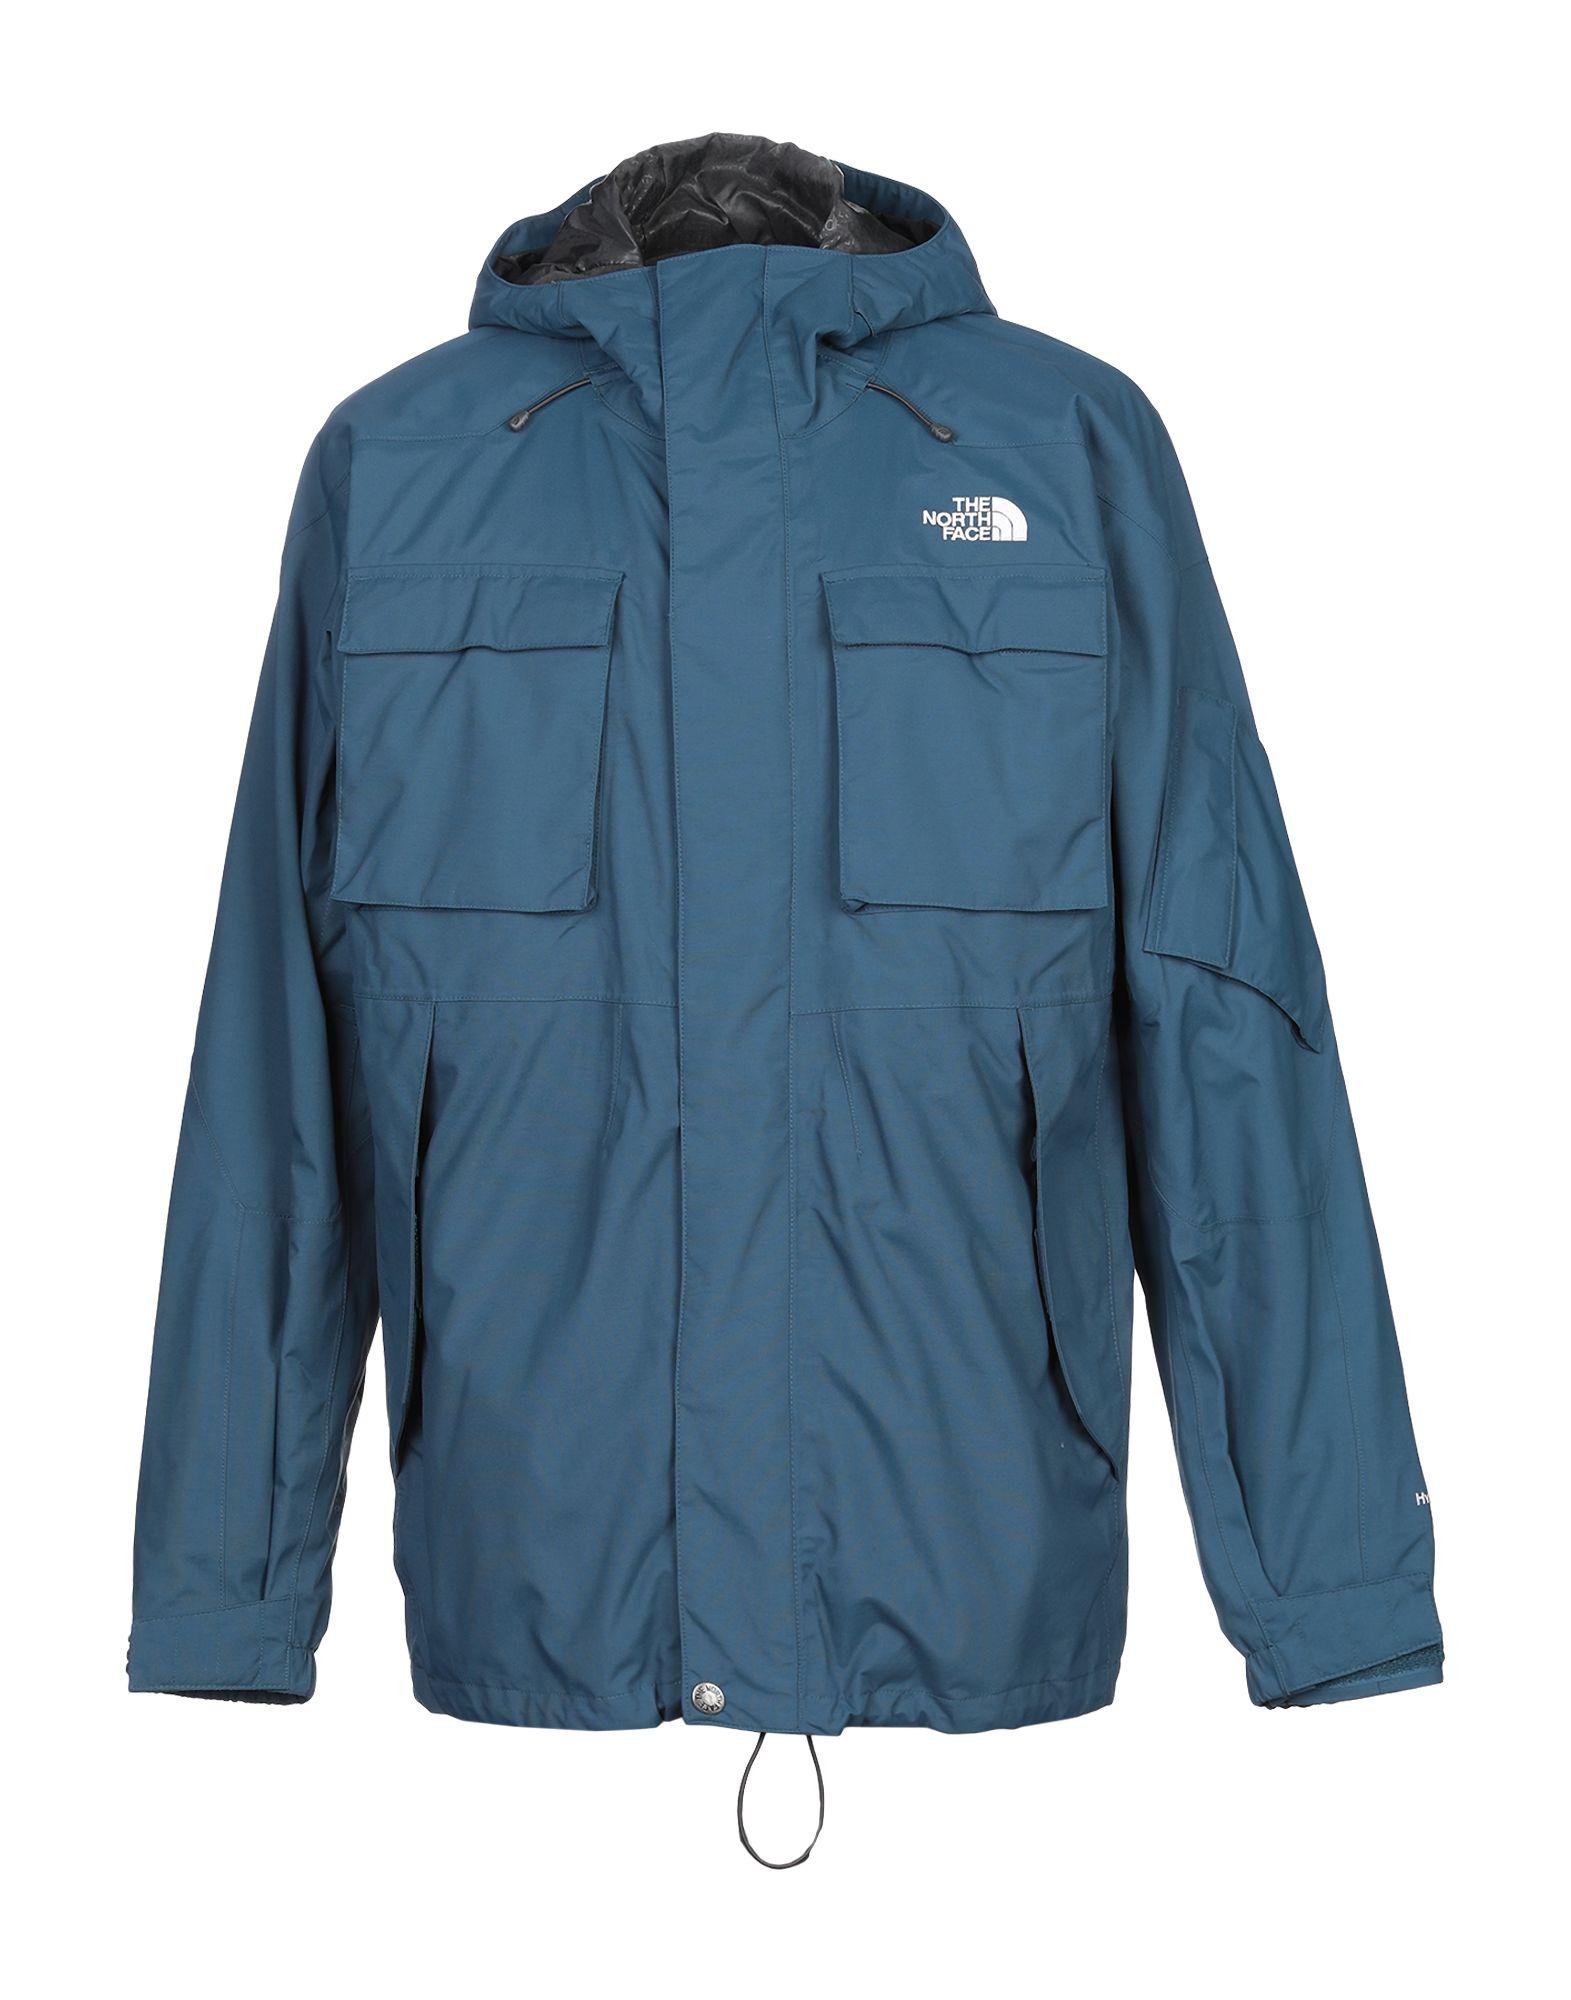 26bb6651f13b4 THE NORTH FACE Jacket - Coats & Jackets | YOOX.COM